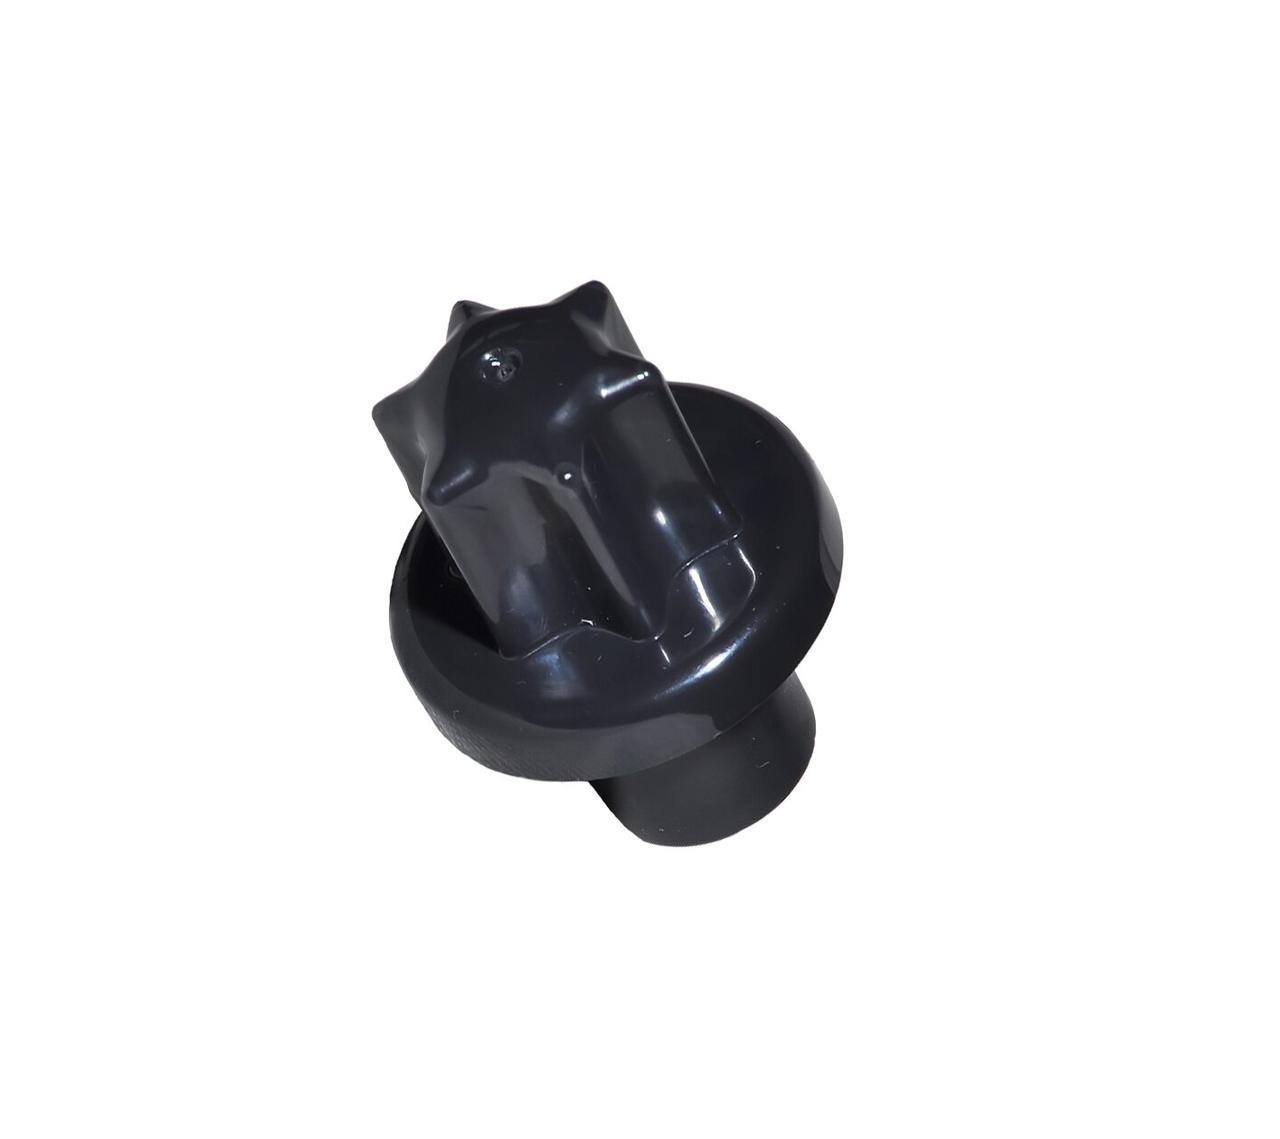 Муфта під блендерную чашу кухонного комбайну Braun 67000496